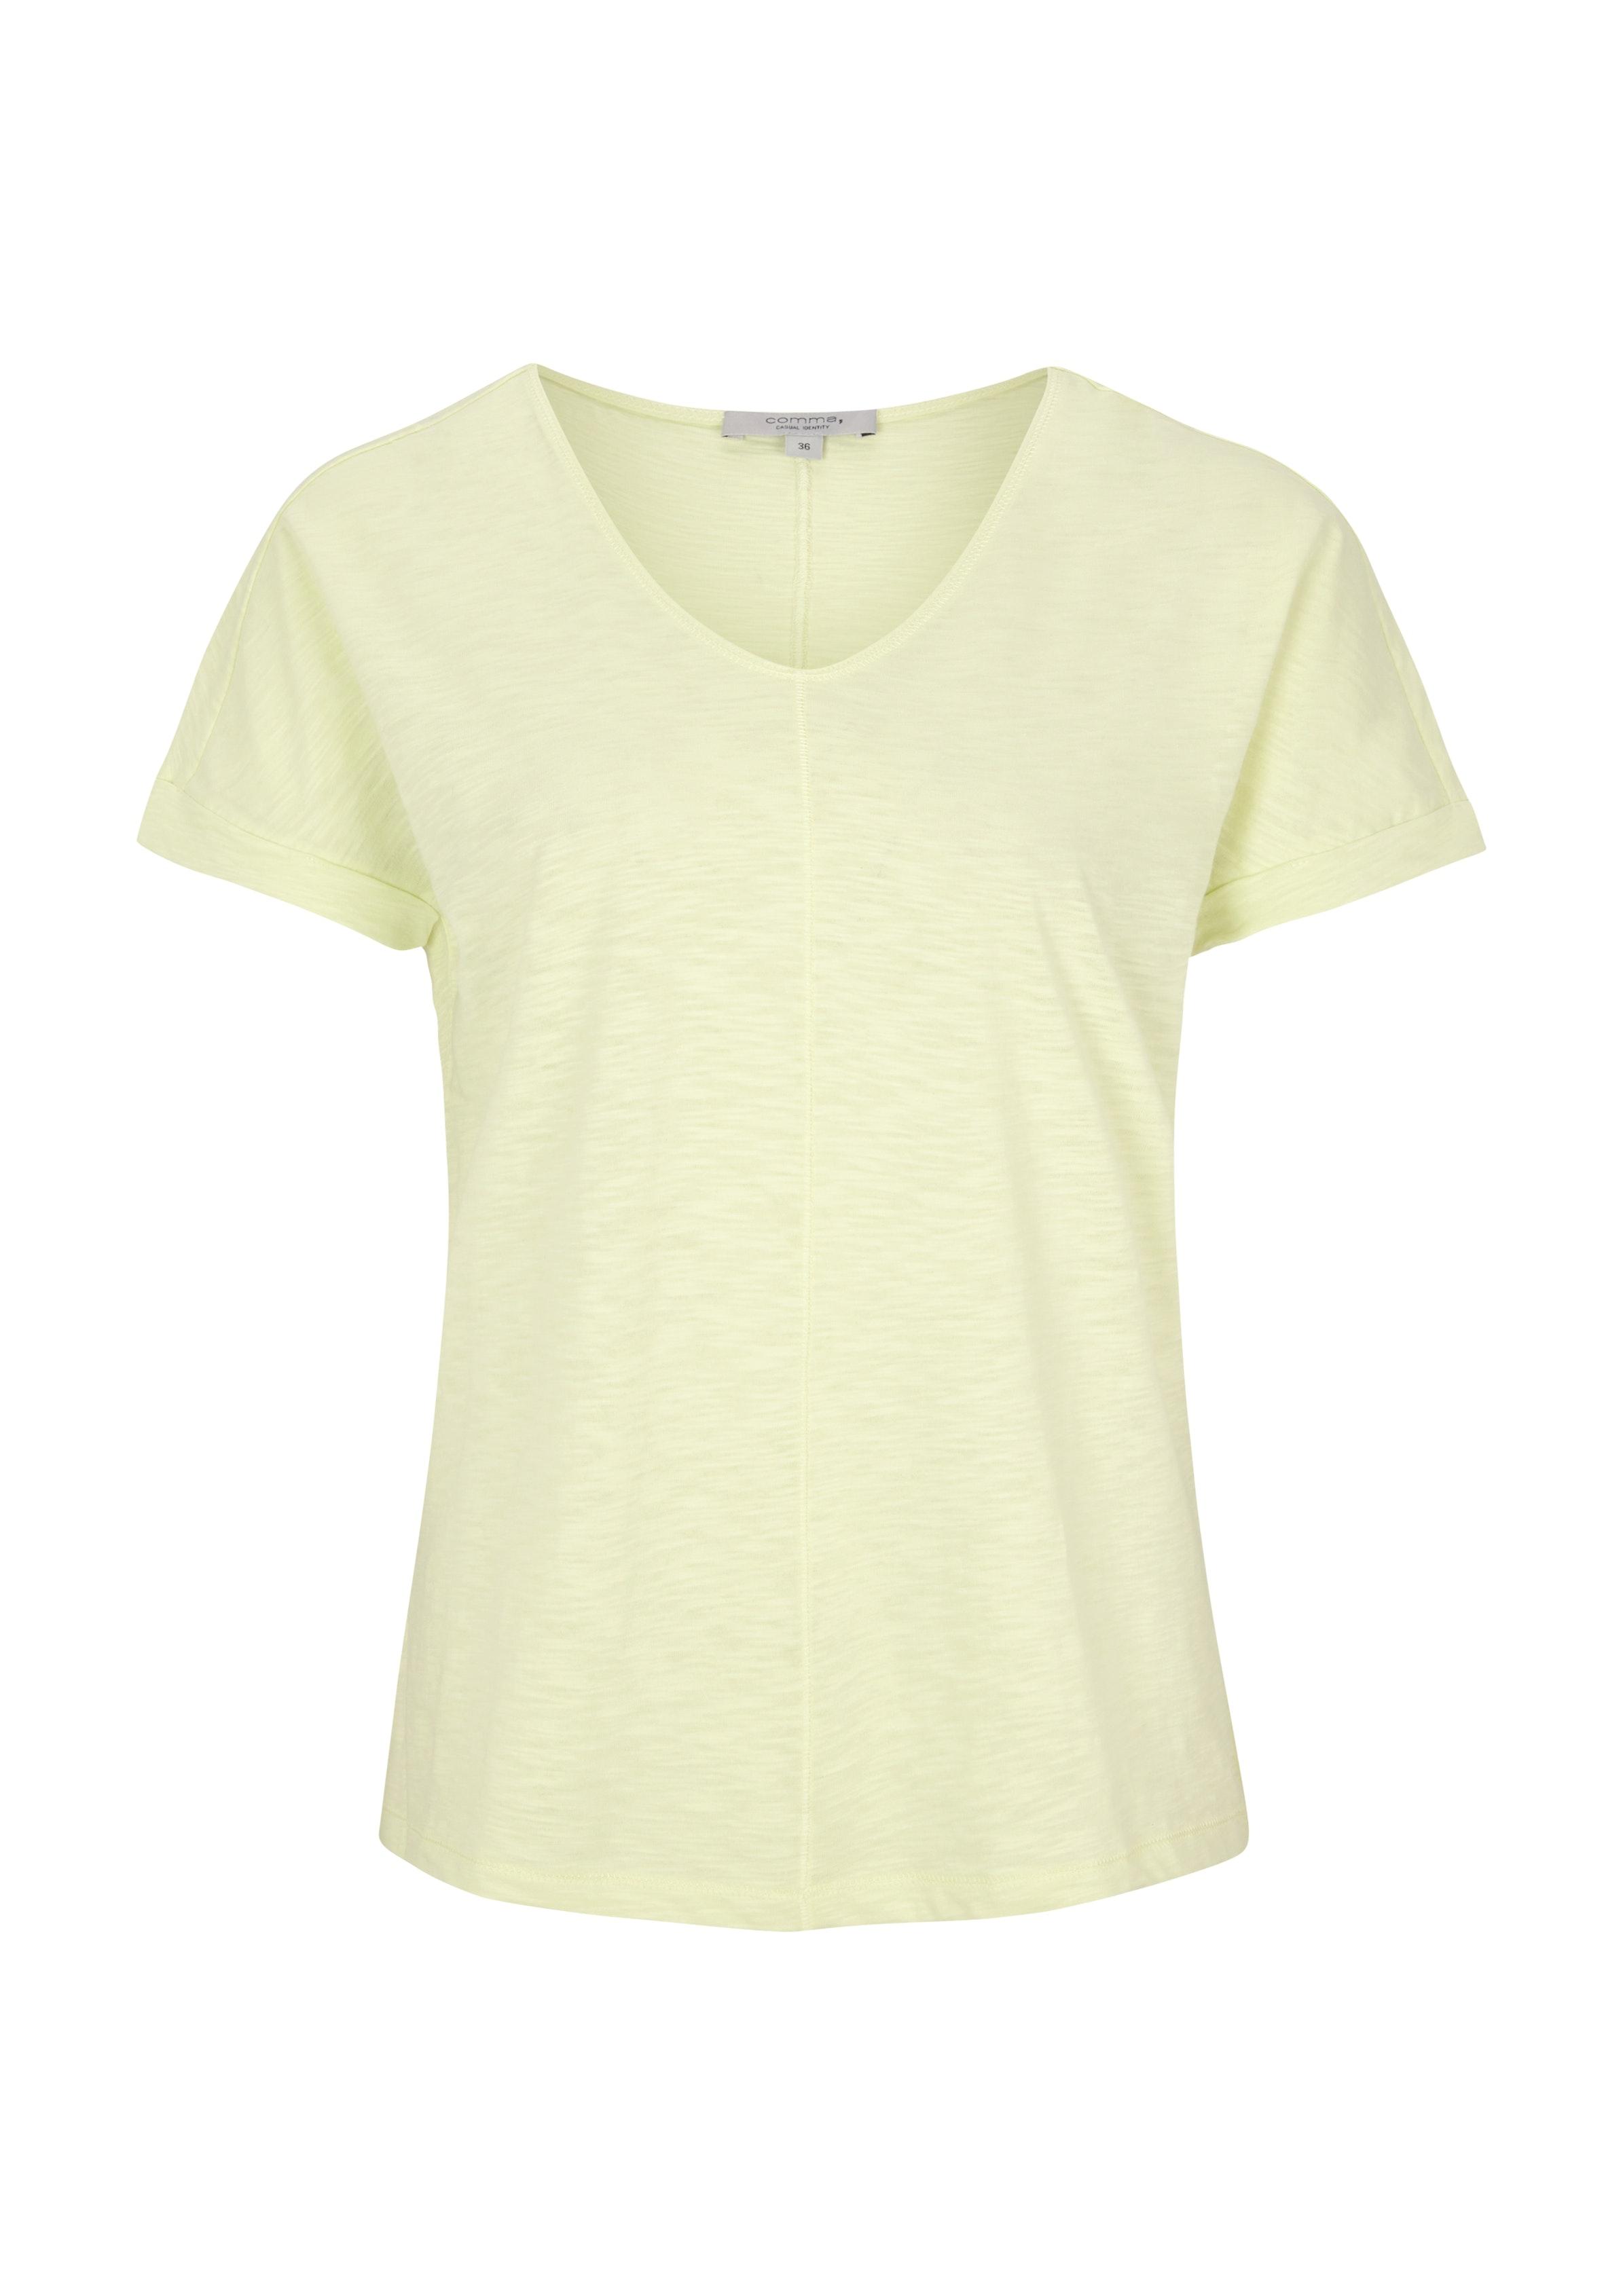 Comma V-Neck Jersery Shirt kurzarm